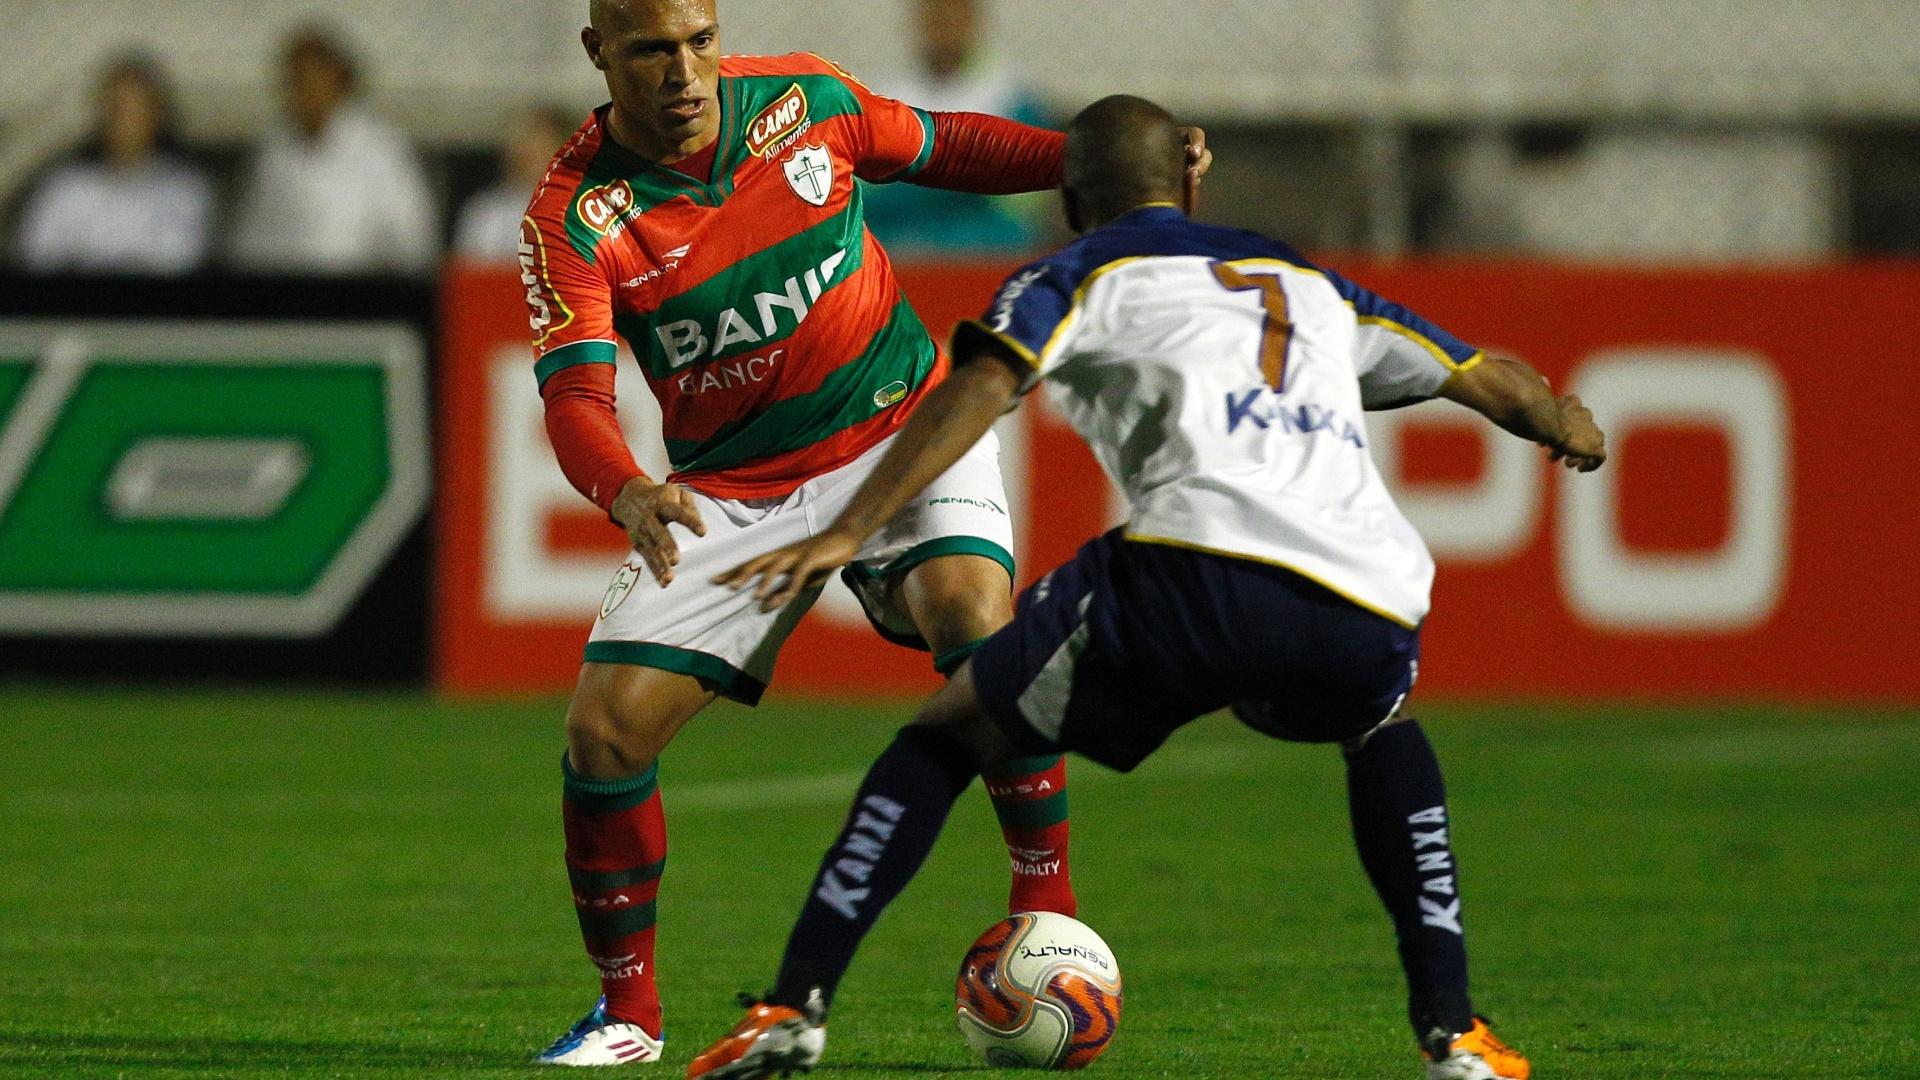 Edno tenta passar pela marcação de Henrique em jogo contra o Americana (26/07/2011)